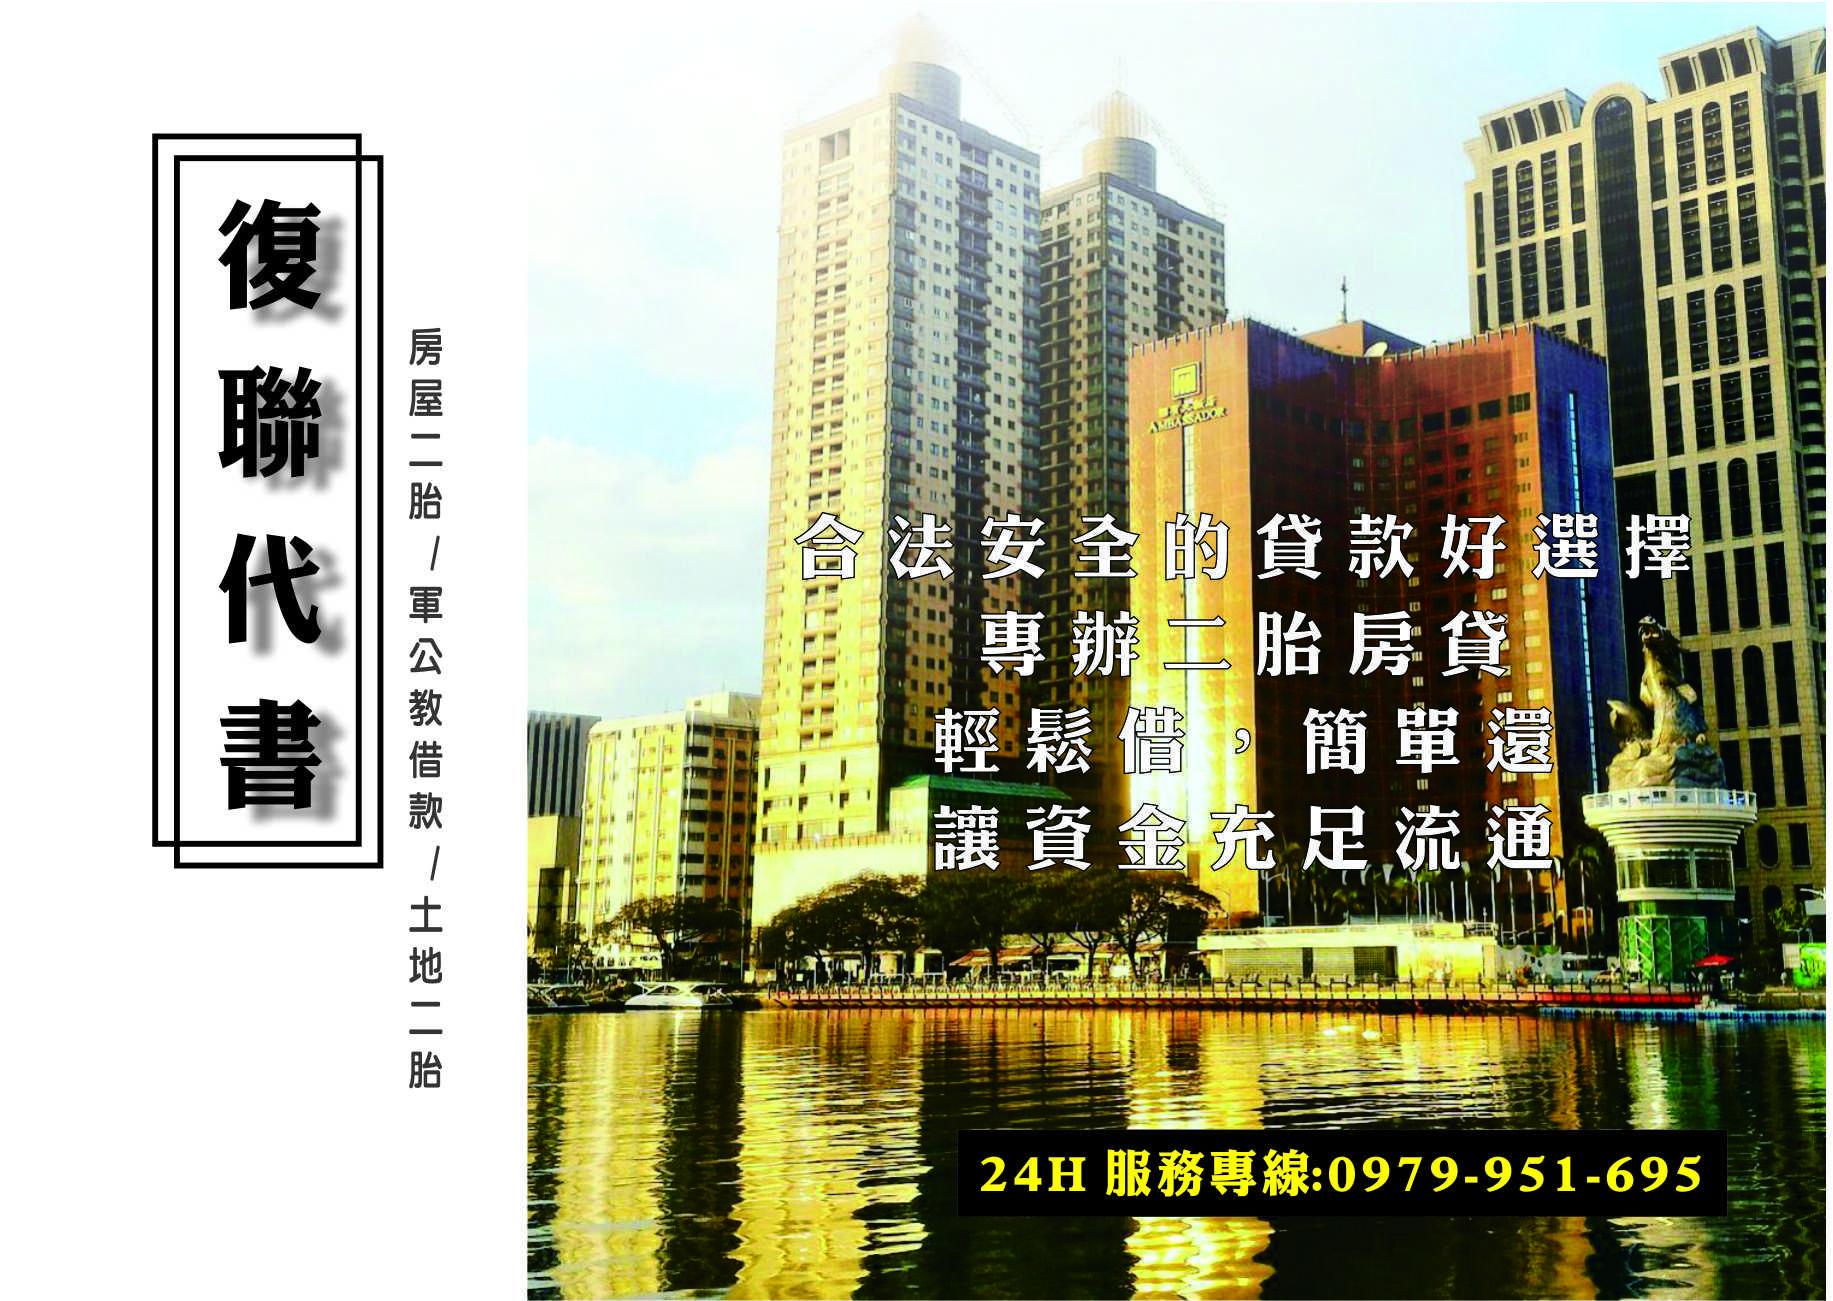 Pin On 台南市